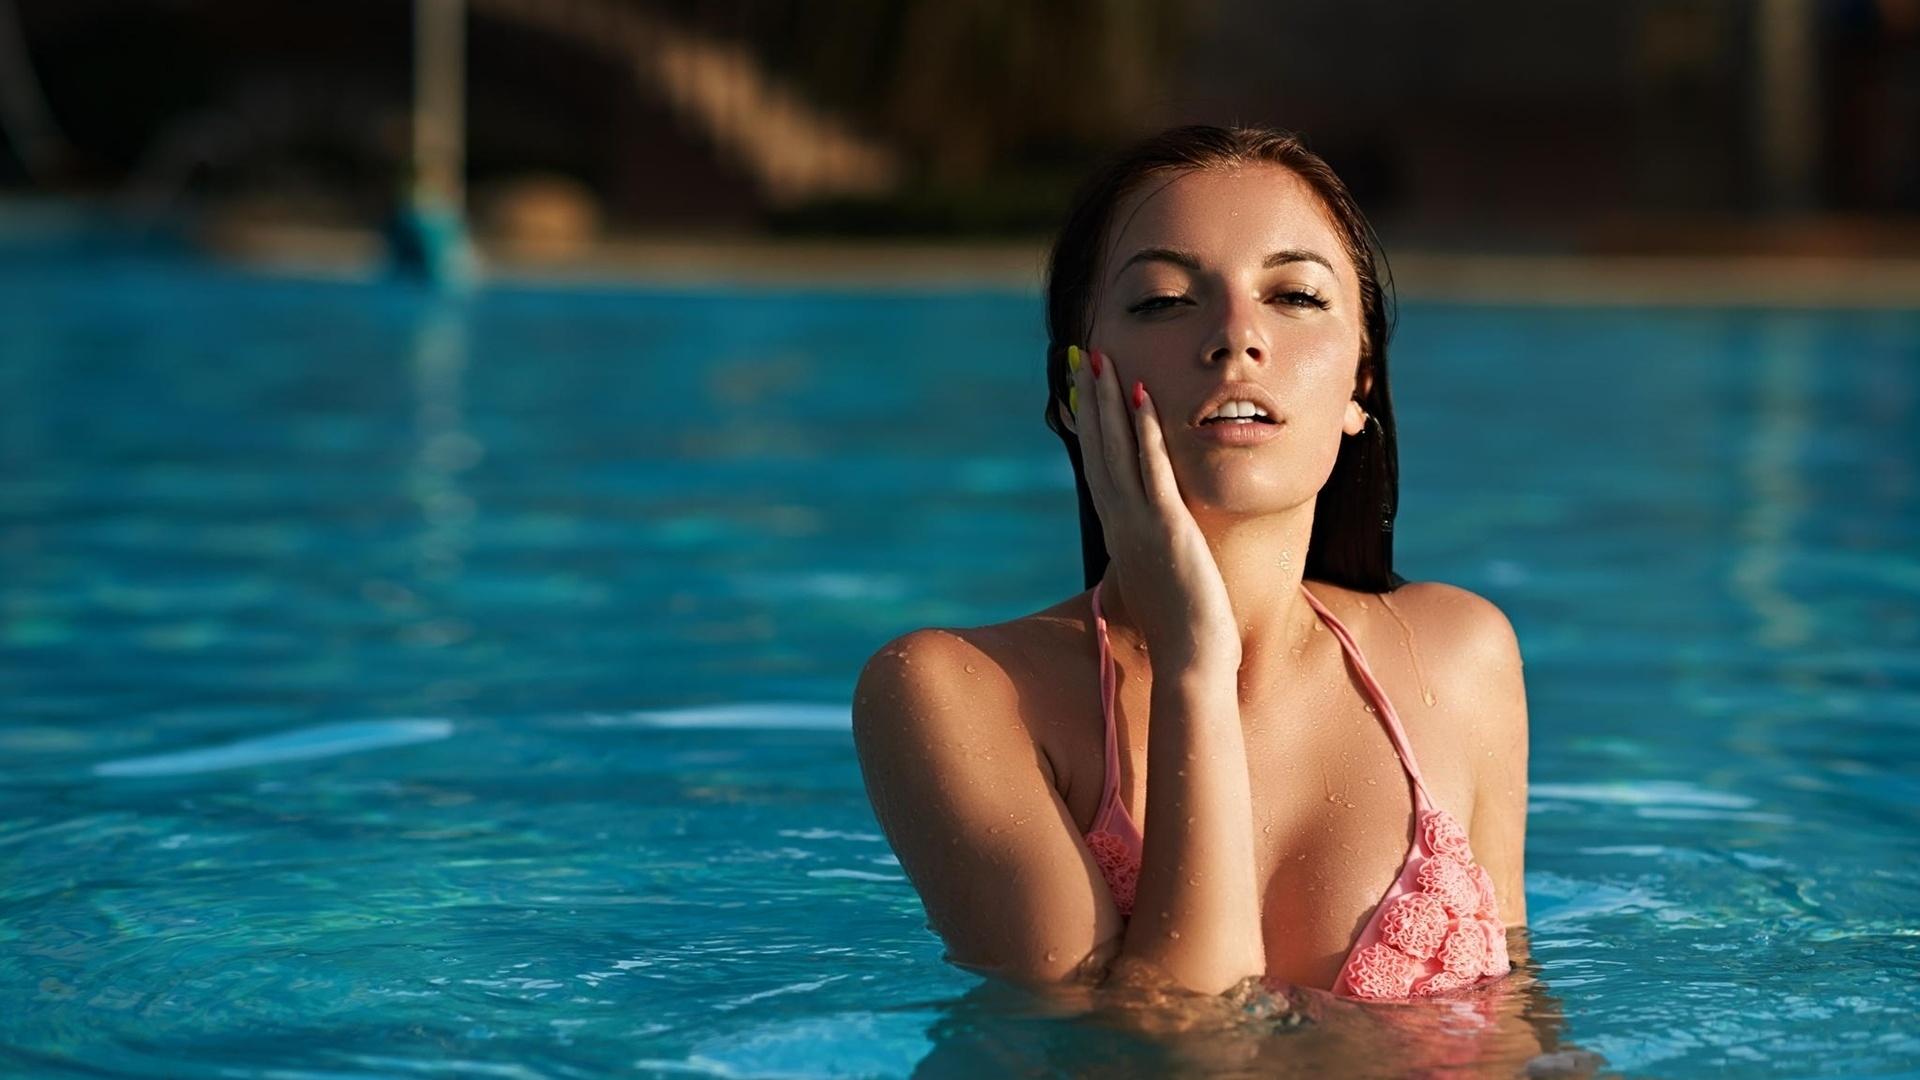 Девушки большие русская с американкой возле бассейна жена